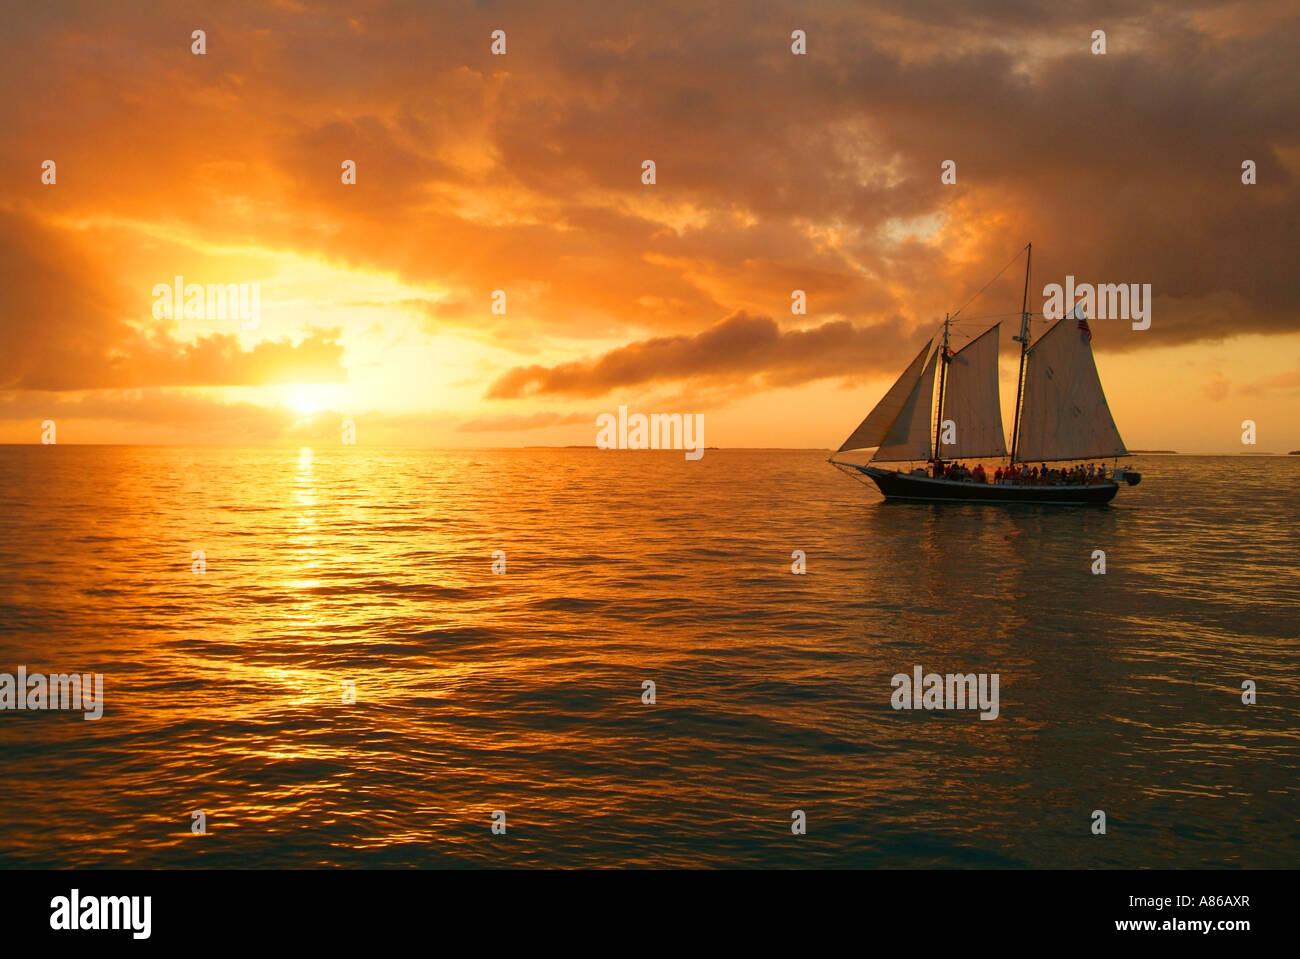 usa-florida-key-west-schooner-at-sunset-sail-A86AXR.jpg